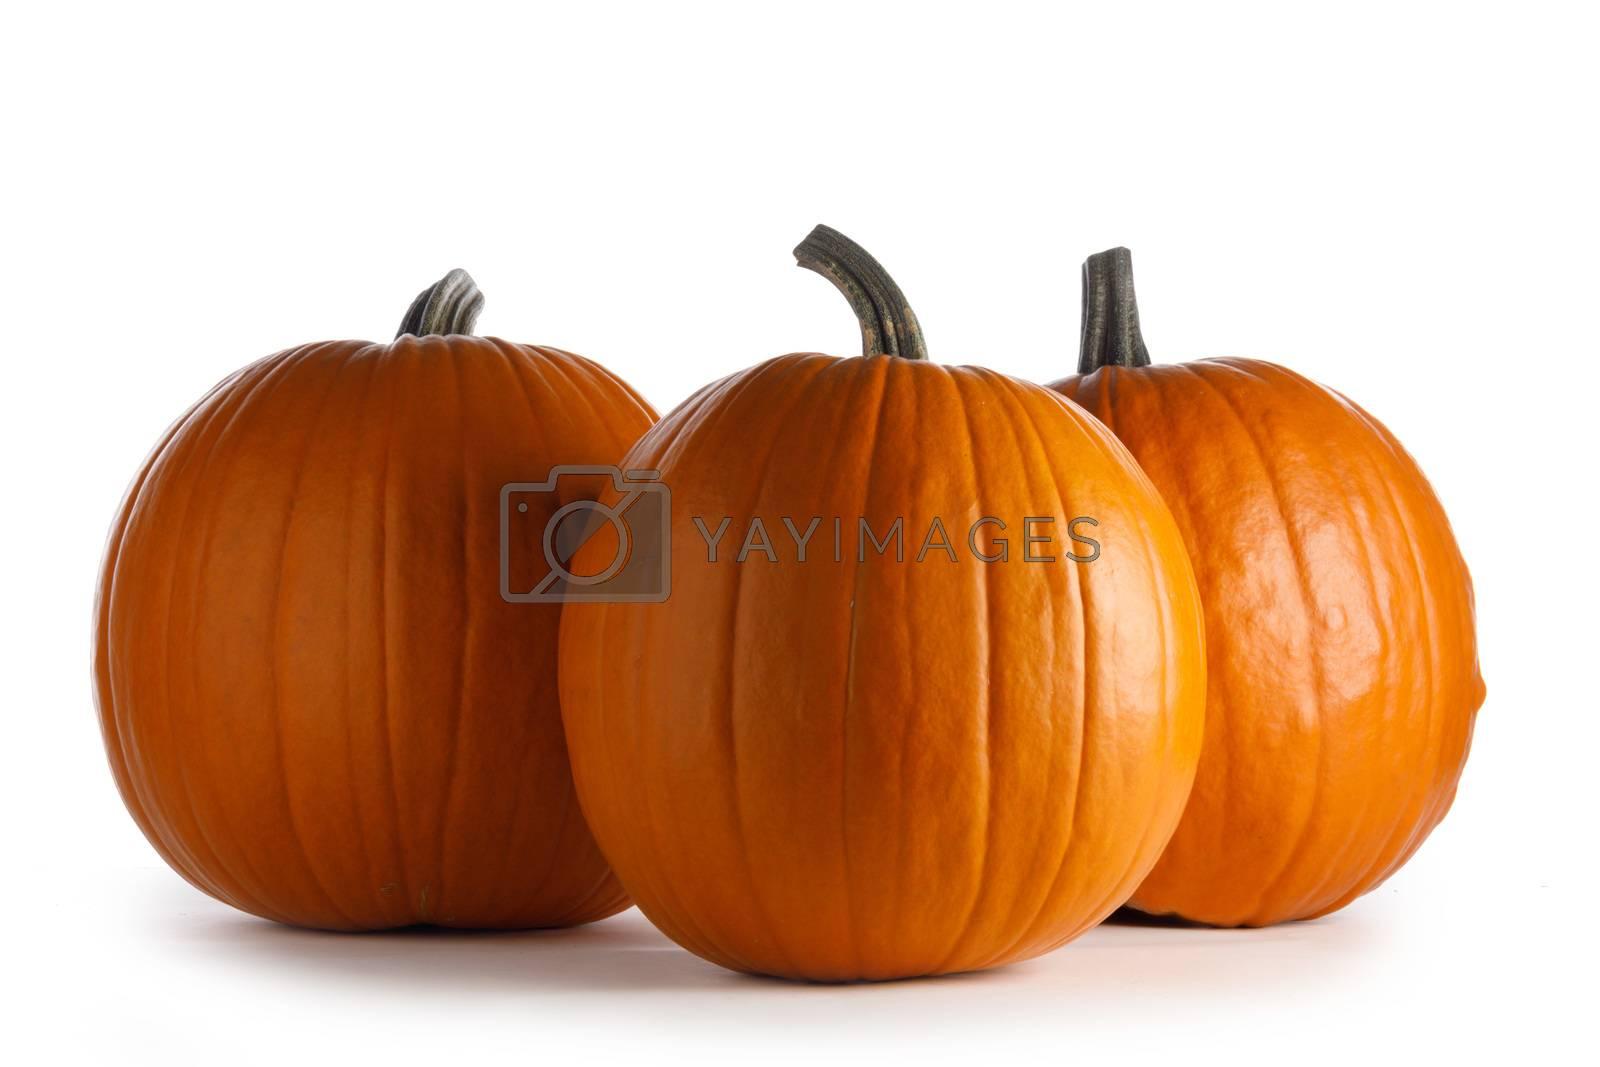 Three whole orange pumpkins isolated on white background